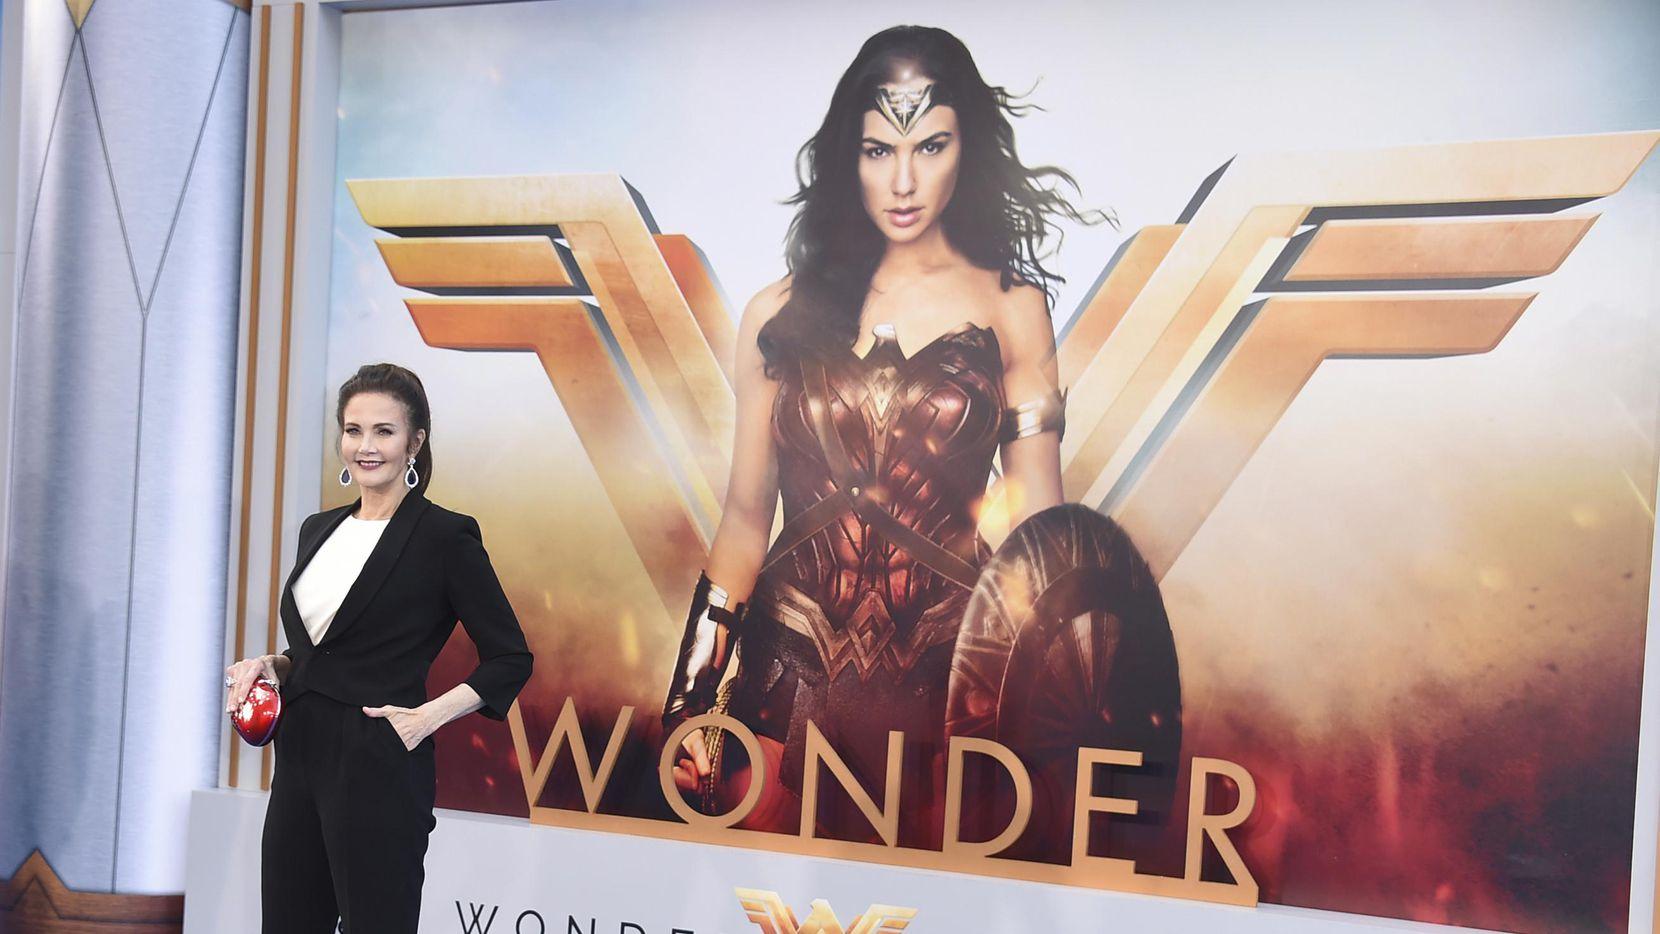 """La actriz Linda Carter, quien protagonizó la serie televisiva """"Wonder Woman"""" (La Mujer Maravilla), llega al estreno mundial del filme """"Wonder Woman"""" en el teatro Pantages de Los Ángeles. (Jordan Strauss/Invision/AP/JORDAN STRAUSS)"""